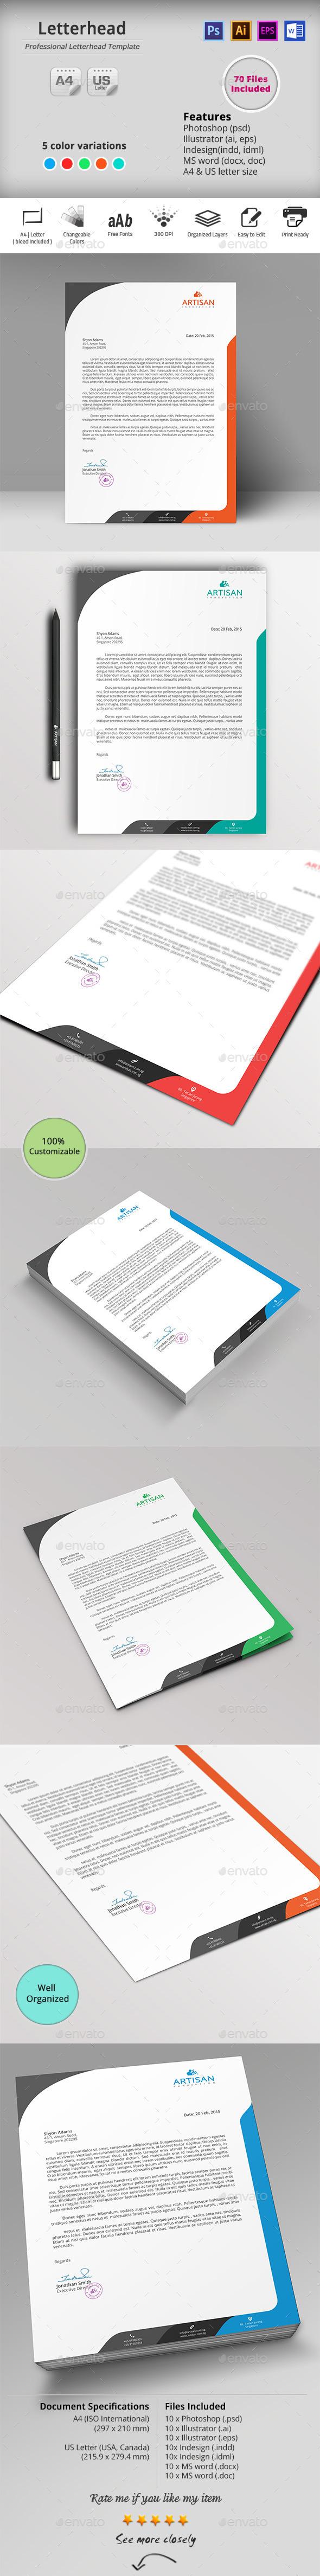 GraphicRiver Letterhead 10434694